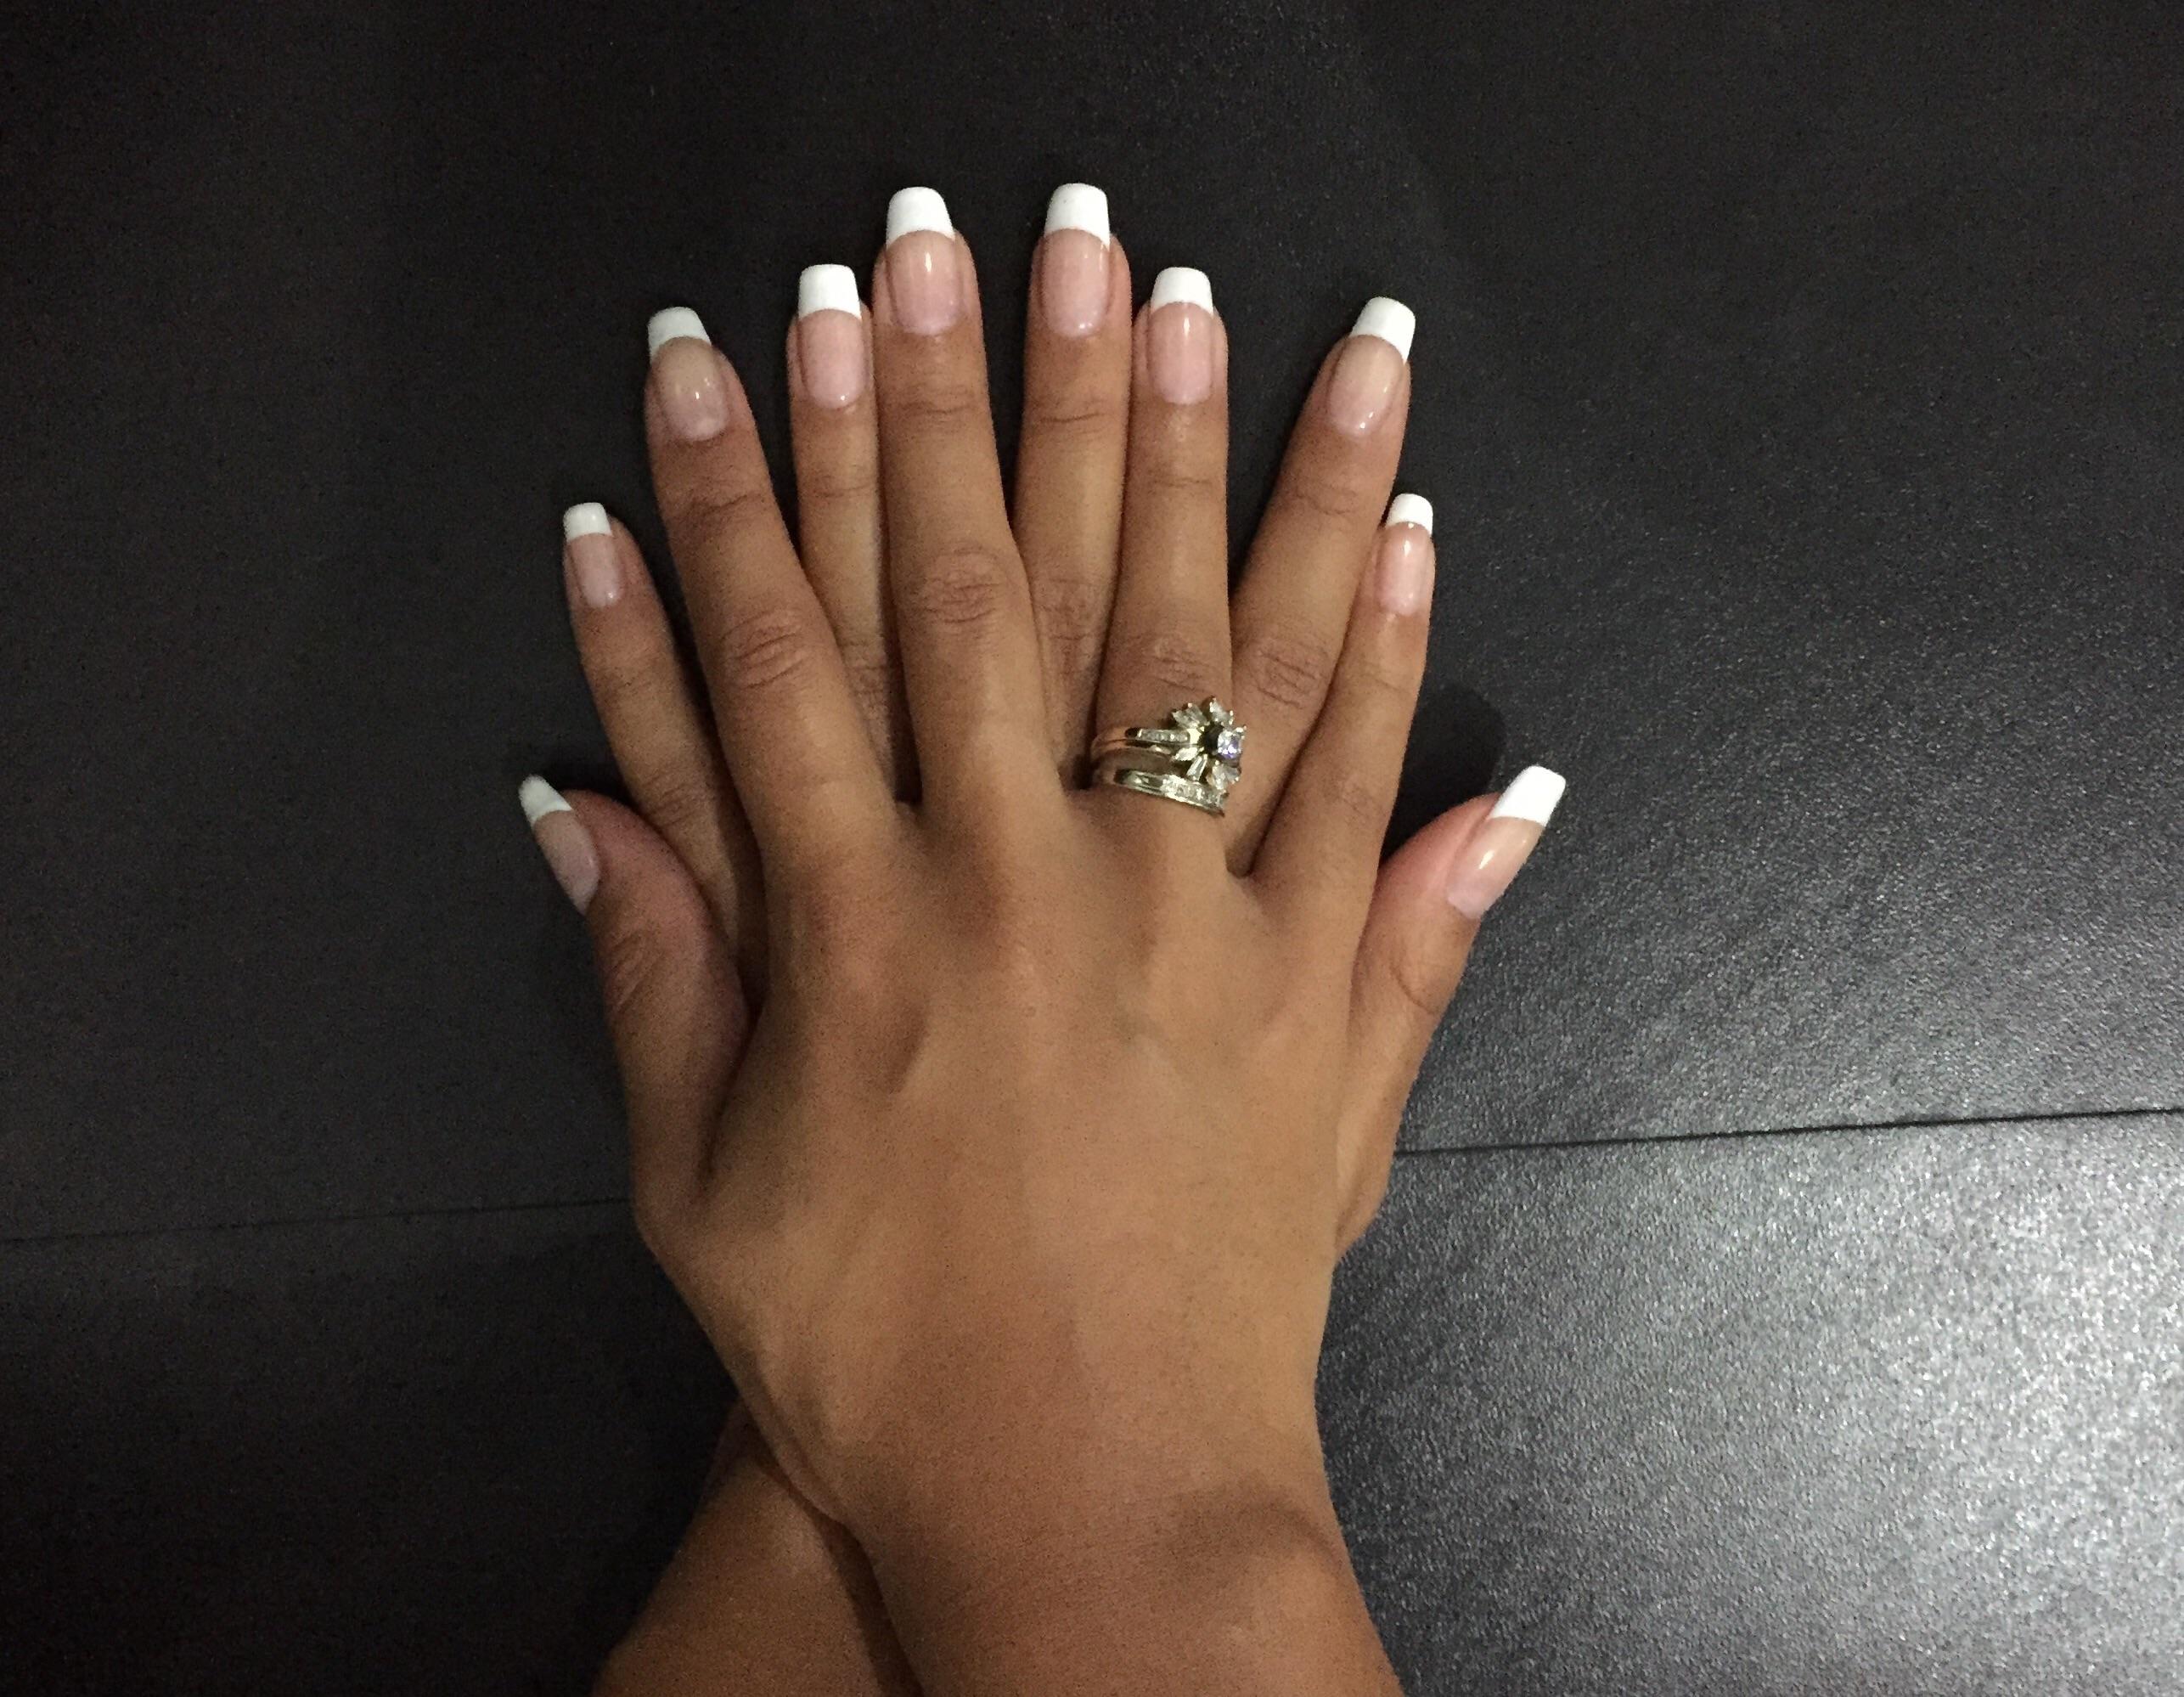 Nails | Chelsea Inez